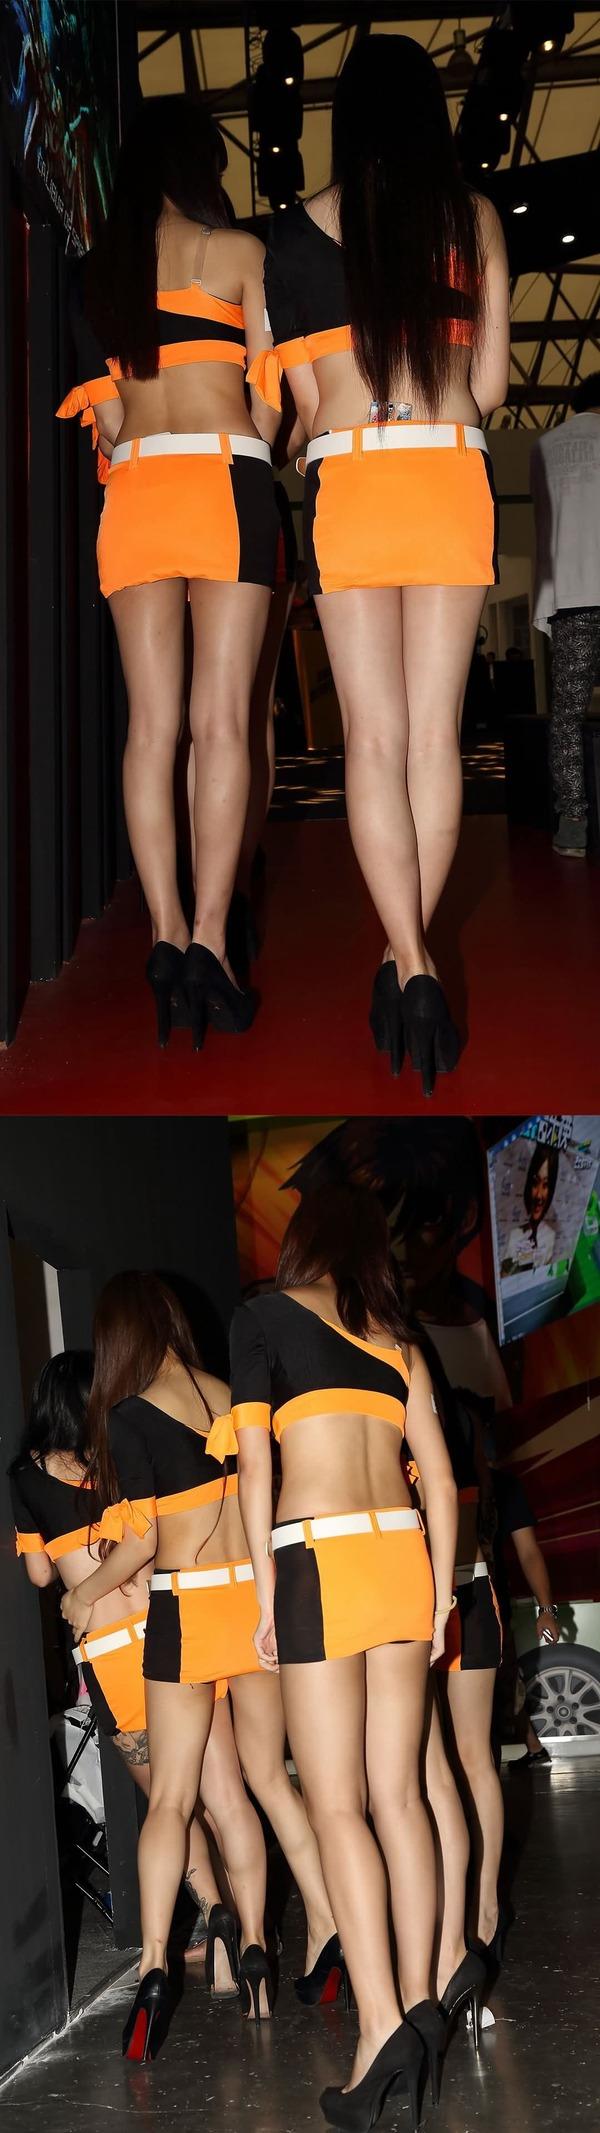 中国最大のチャイナジョイは巨乳セクシーコンパニオン (14)